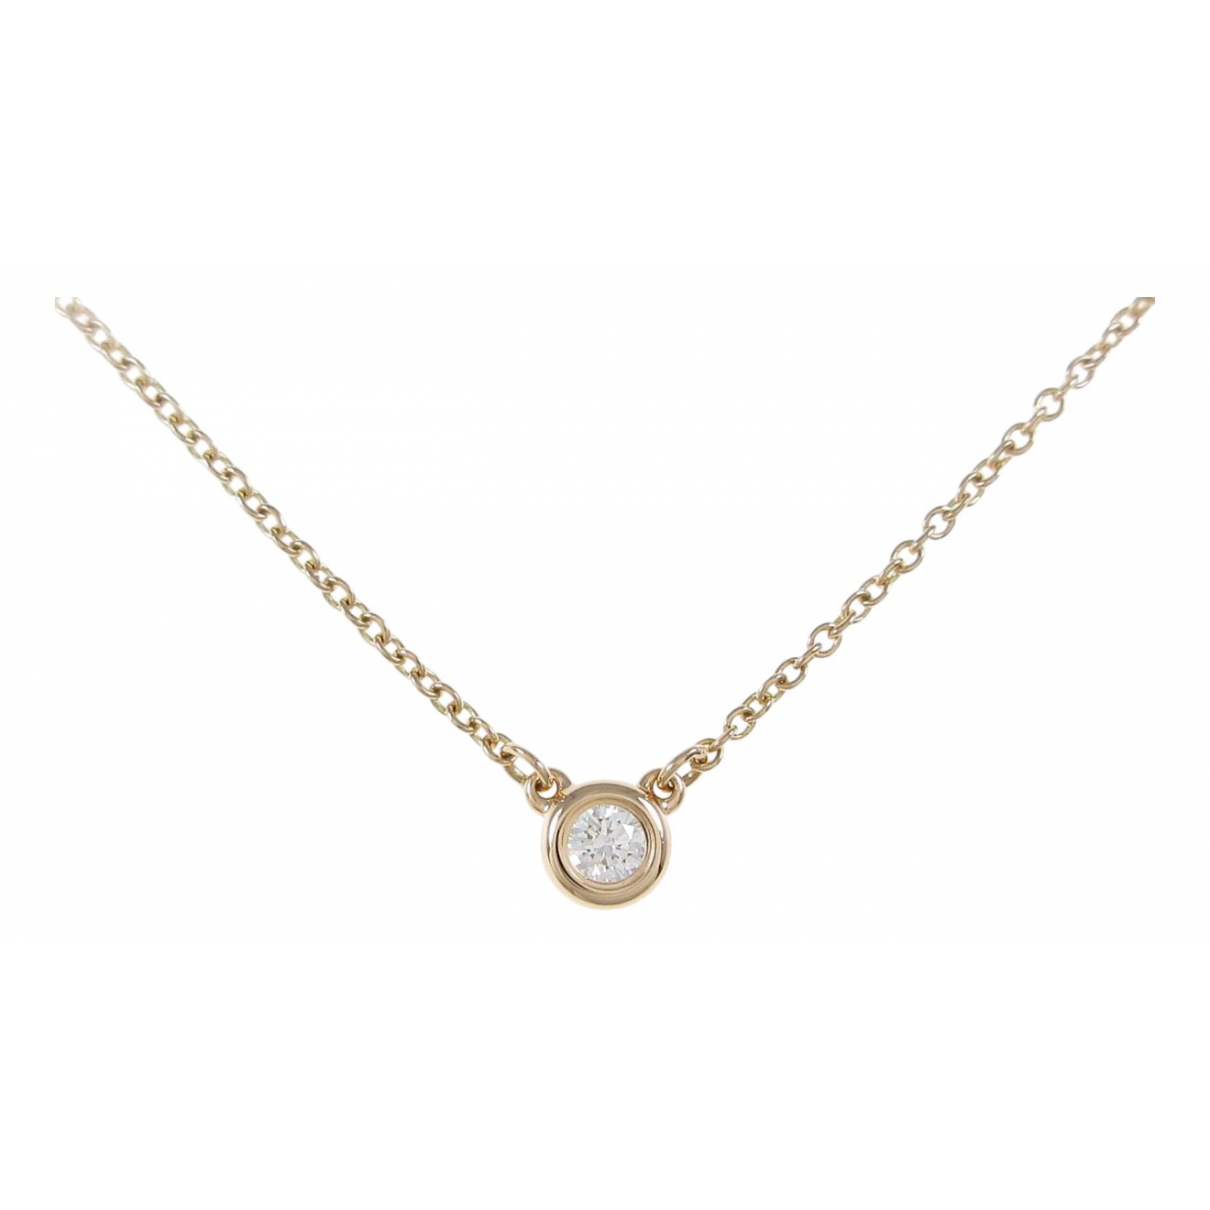 Collar Elsa Peretti  de Oro rosa Tiffany & Co